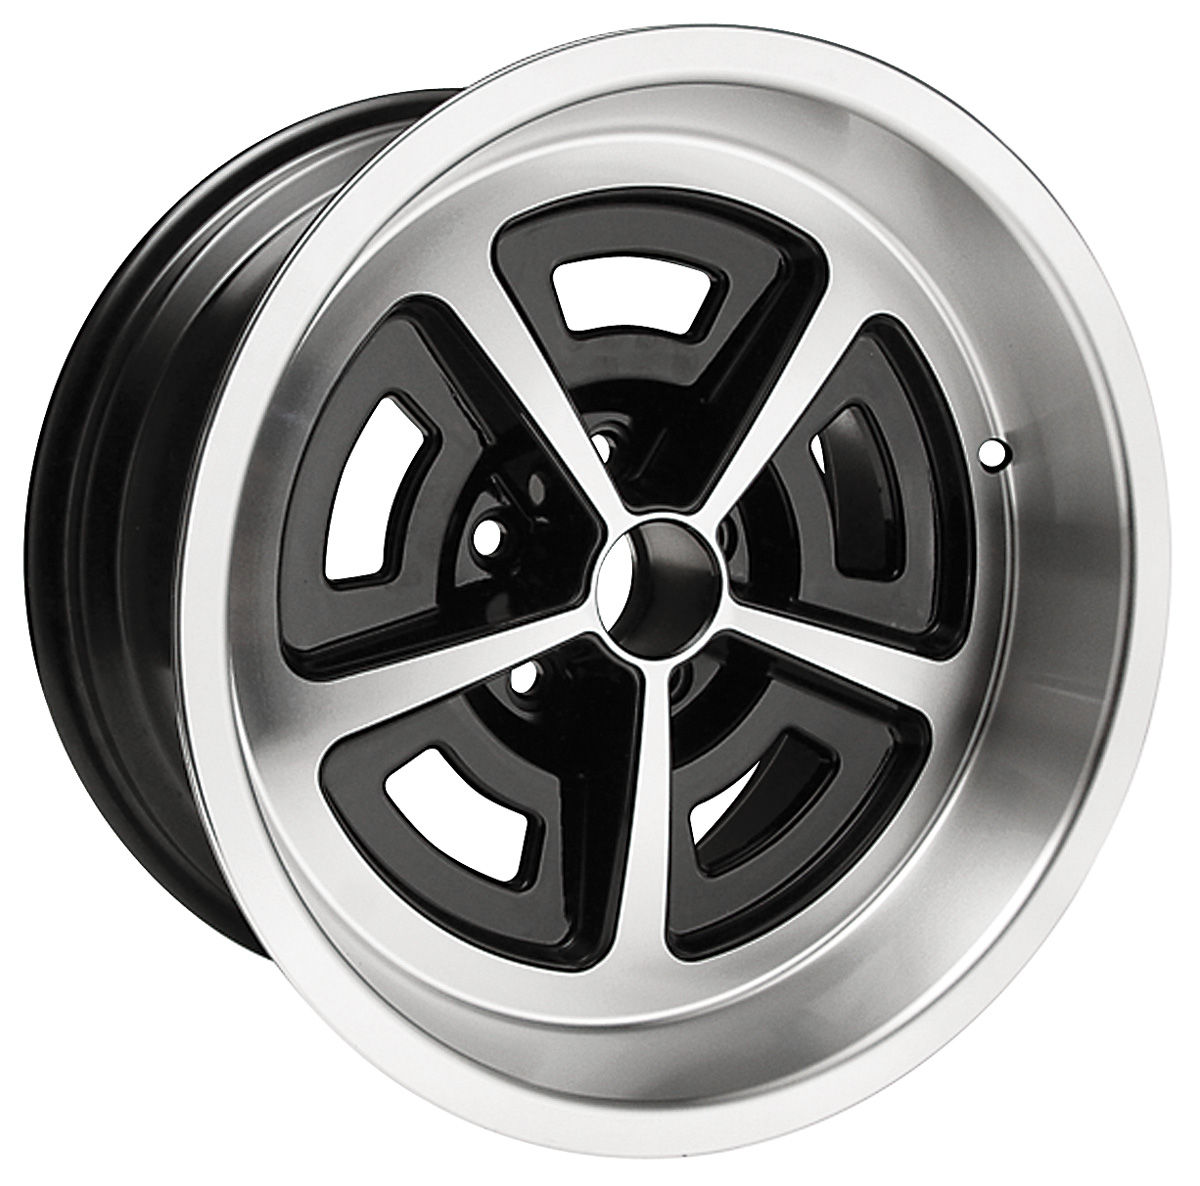 U S Wheel Wheel Super Sport Aluminum 17 Quot X 9 Quot Bs 5